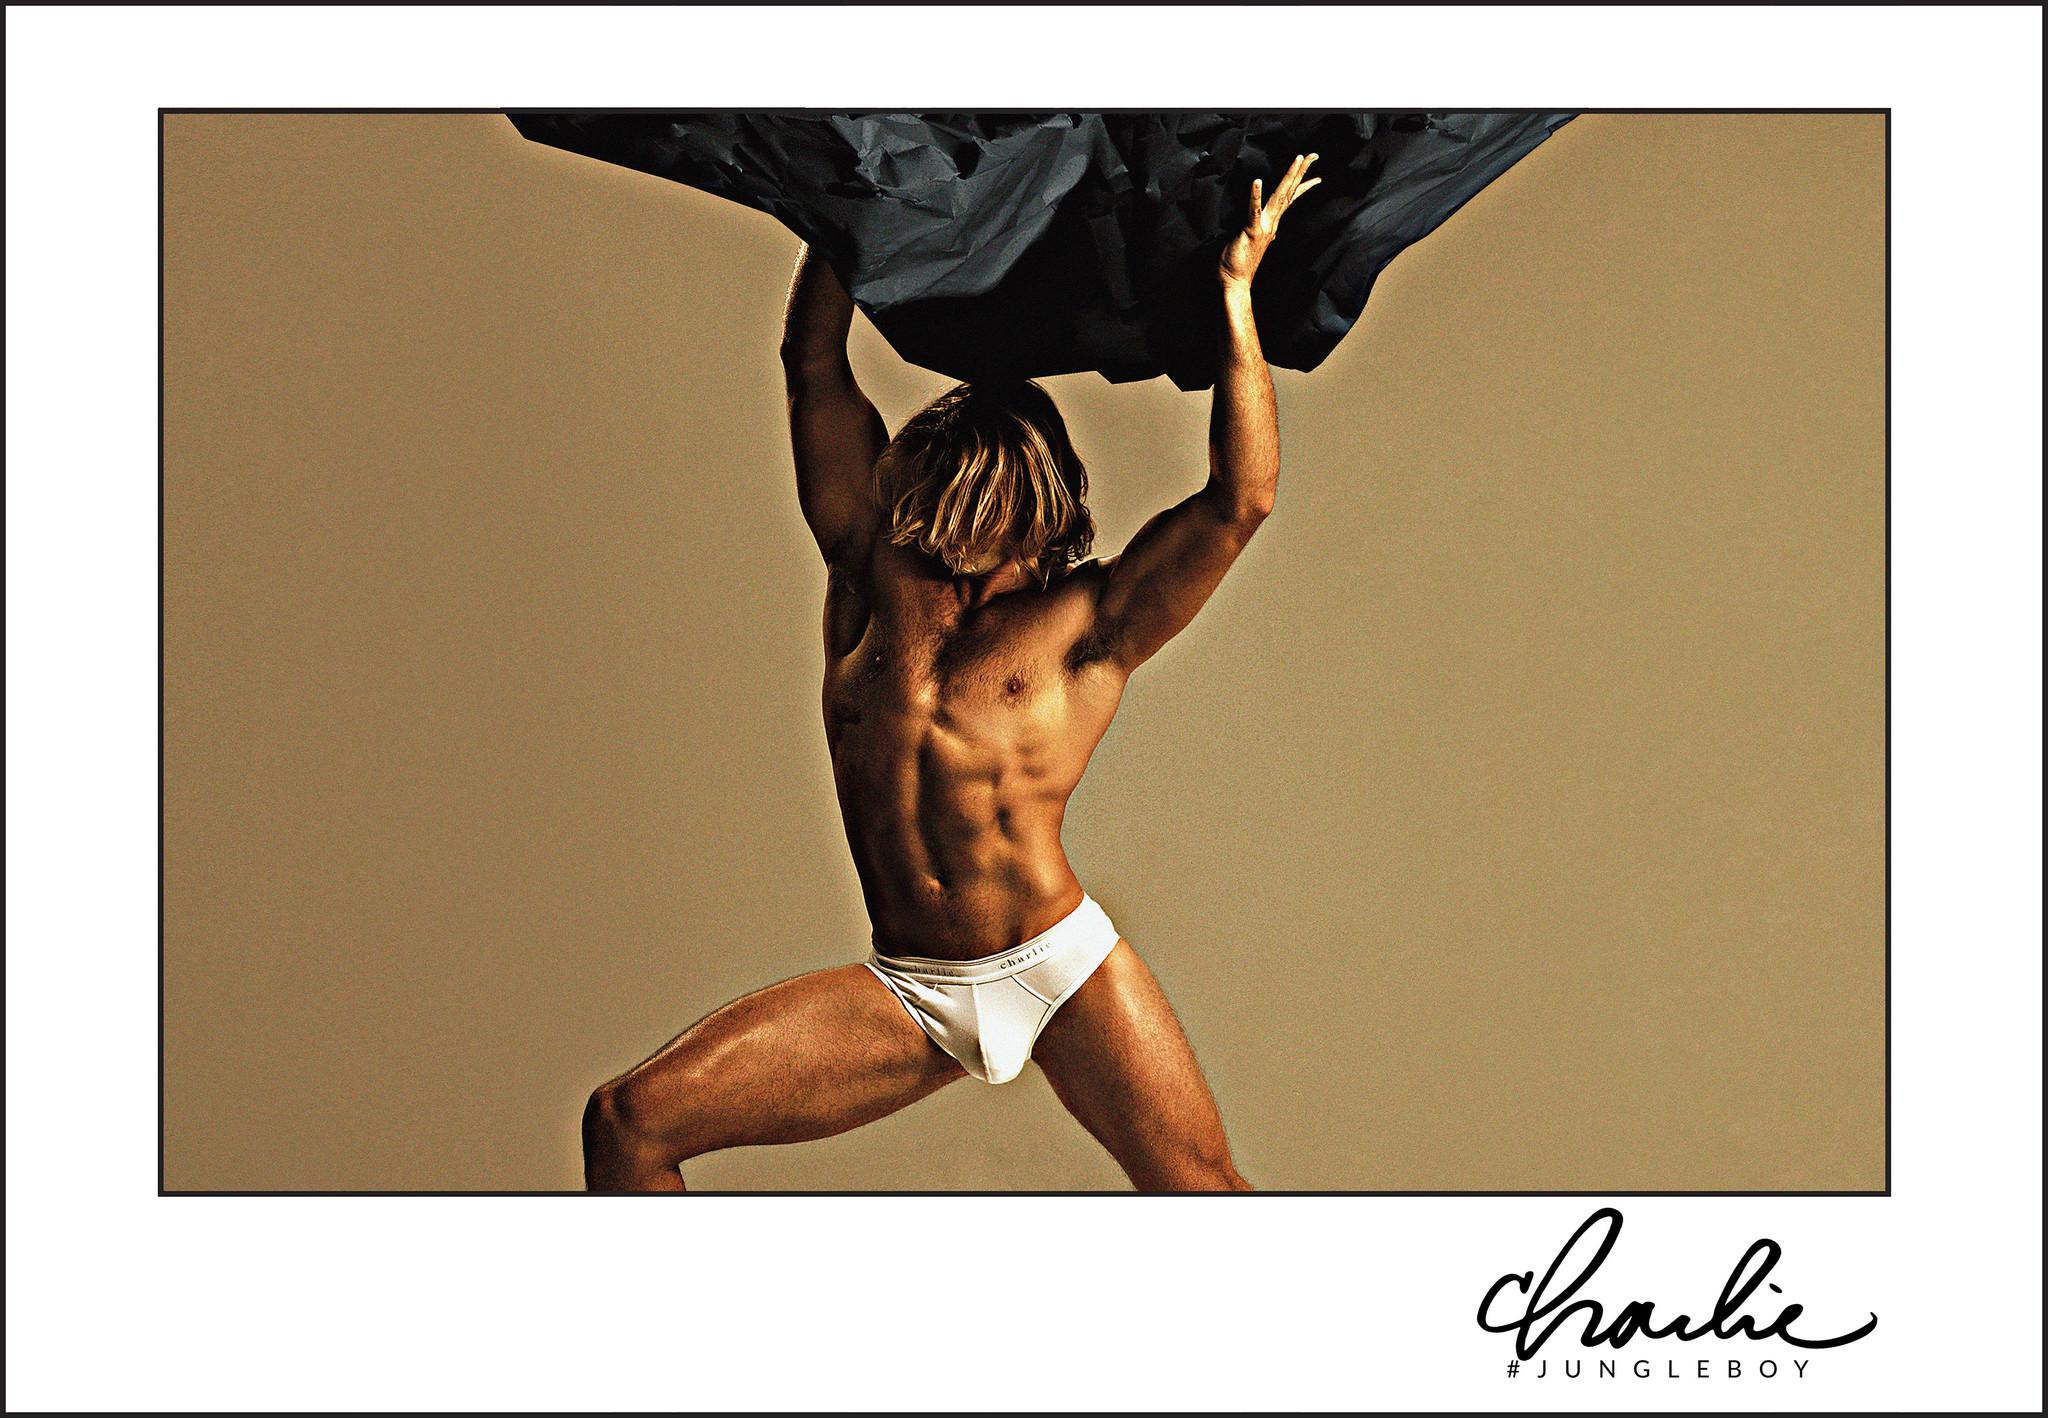 Charlie by Matthew Zink Jungle Boy underwear